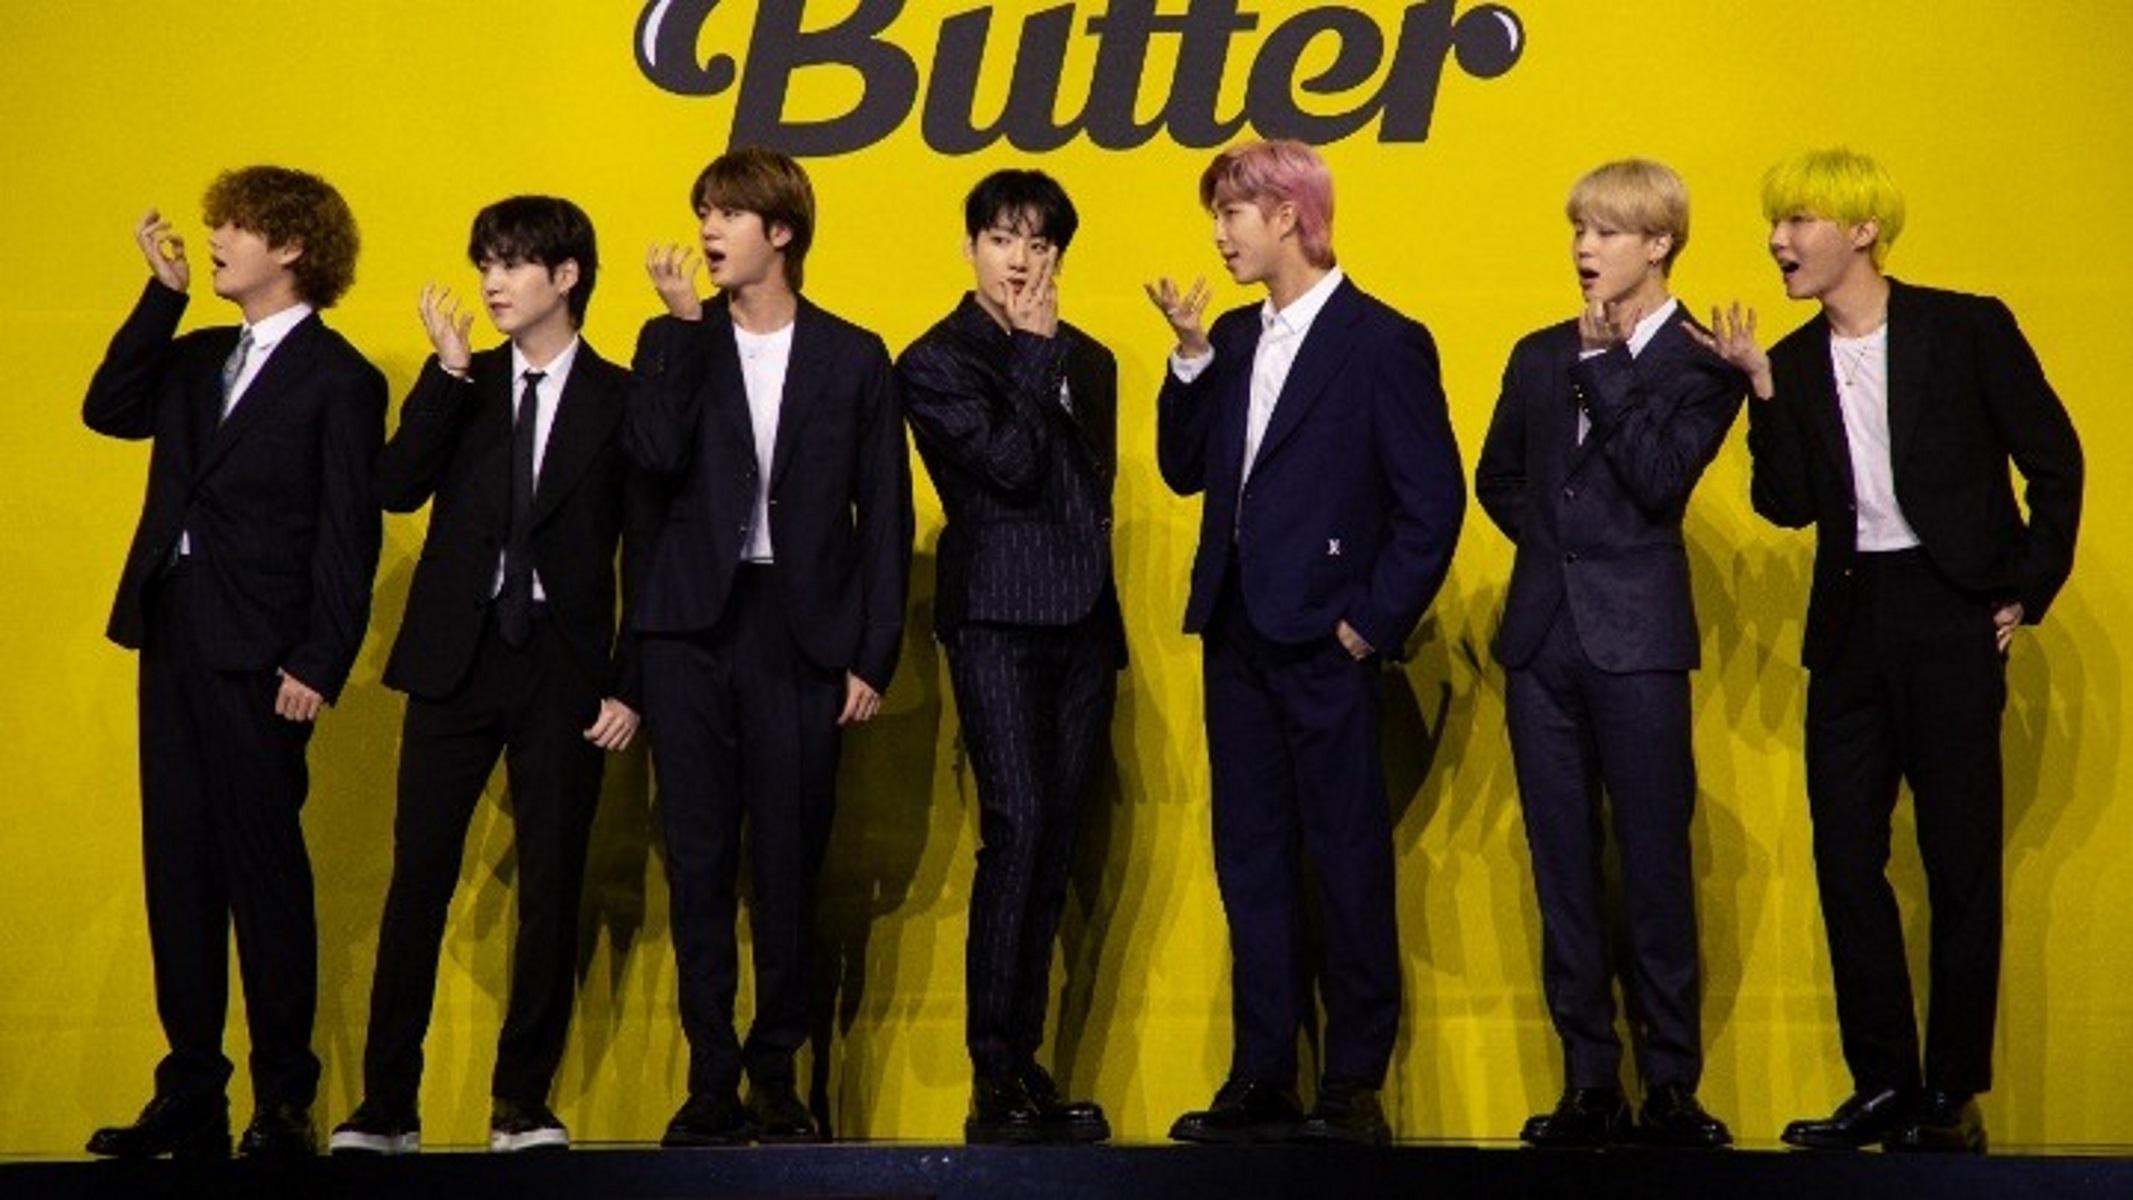 Οι BTS ακύρωσαν την παγκόσμια περιοδεία τους απογοητεύοντας εκατομμύρια θαυμαστές τους